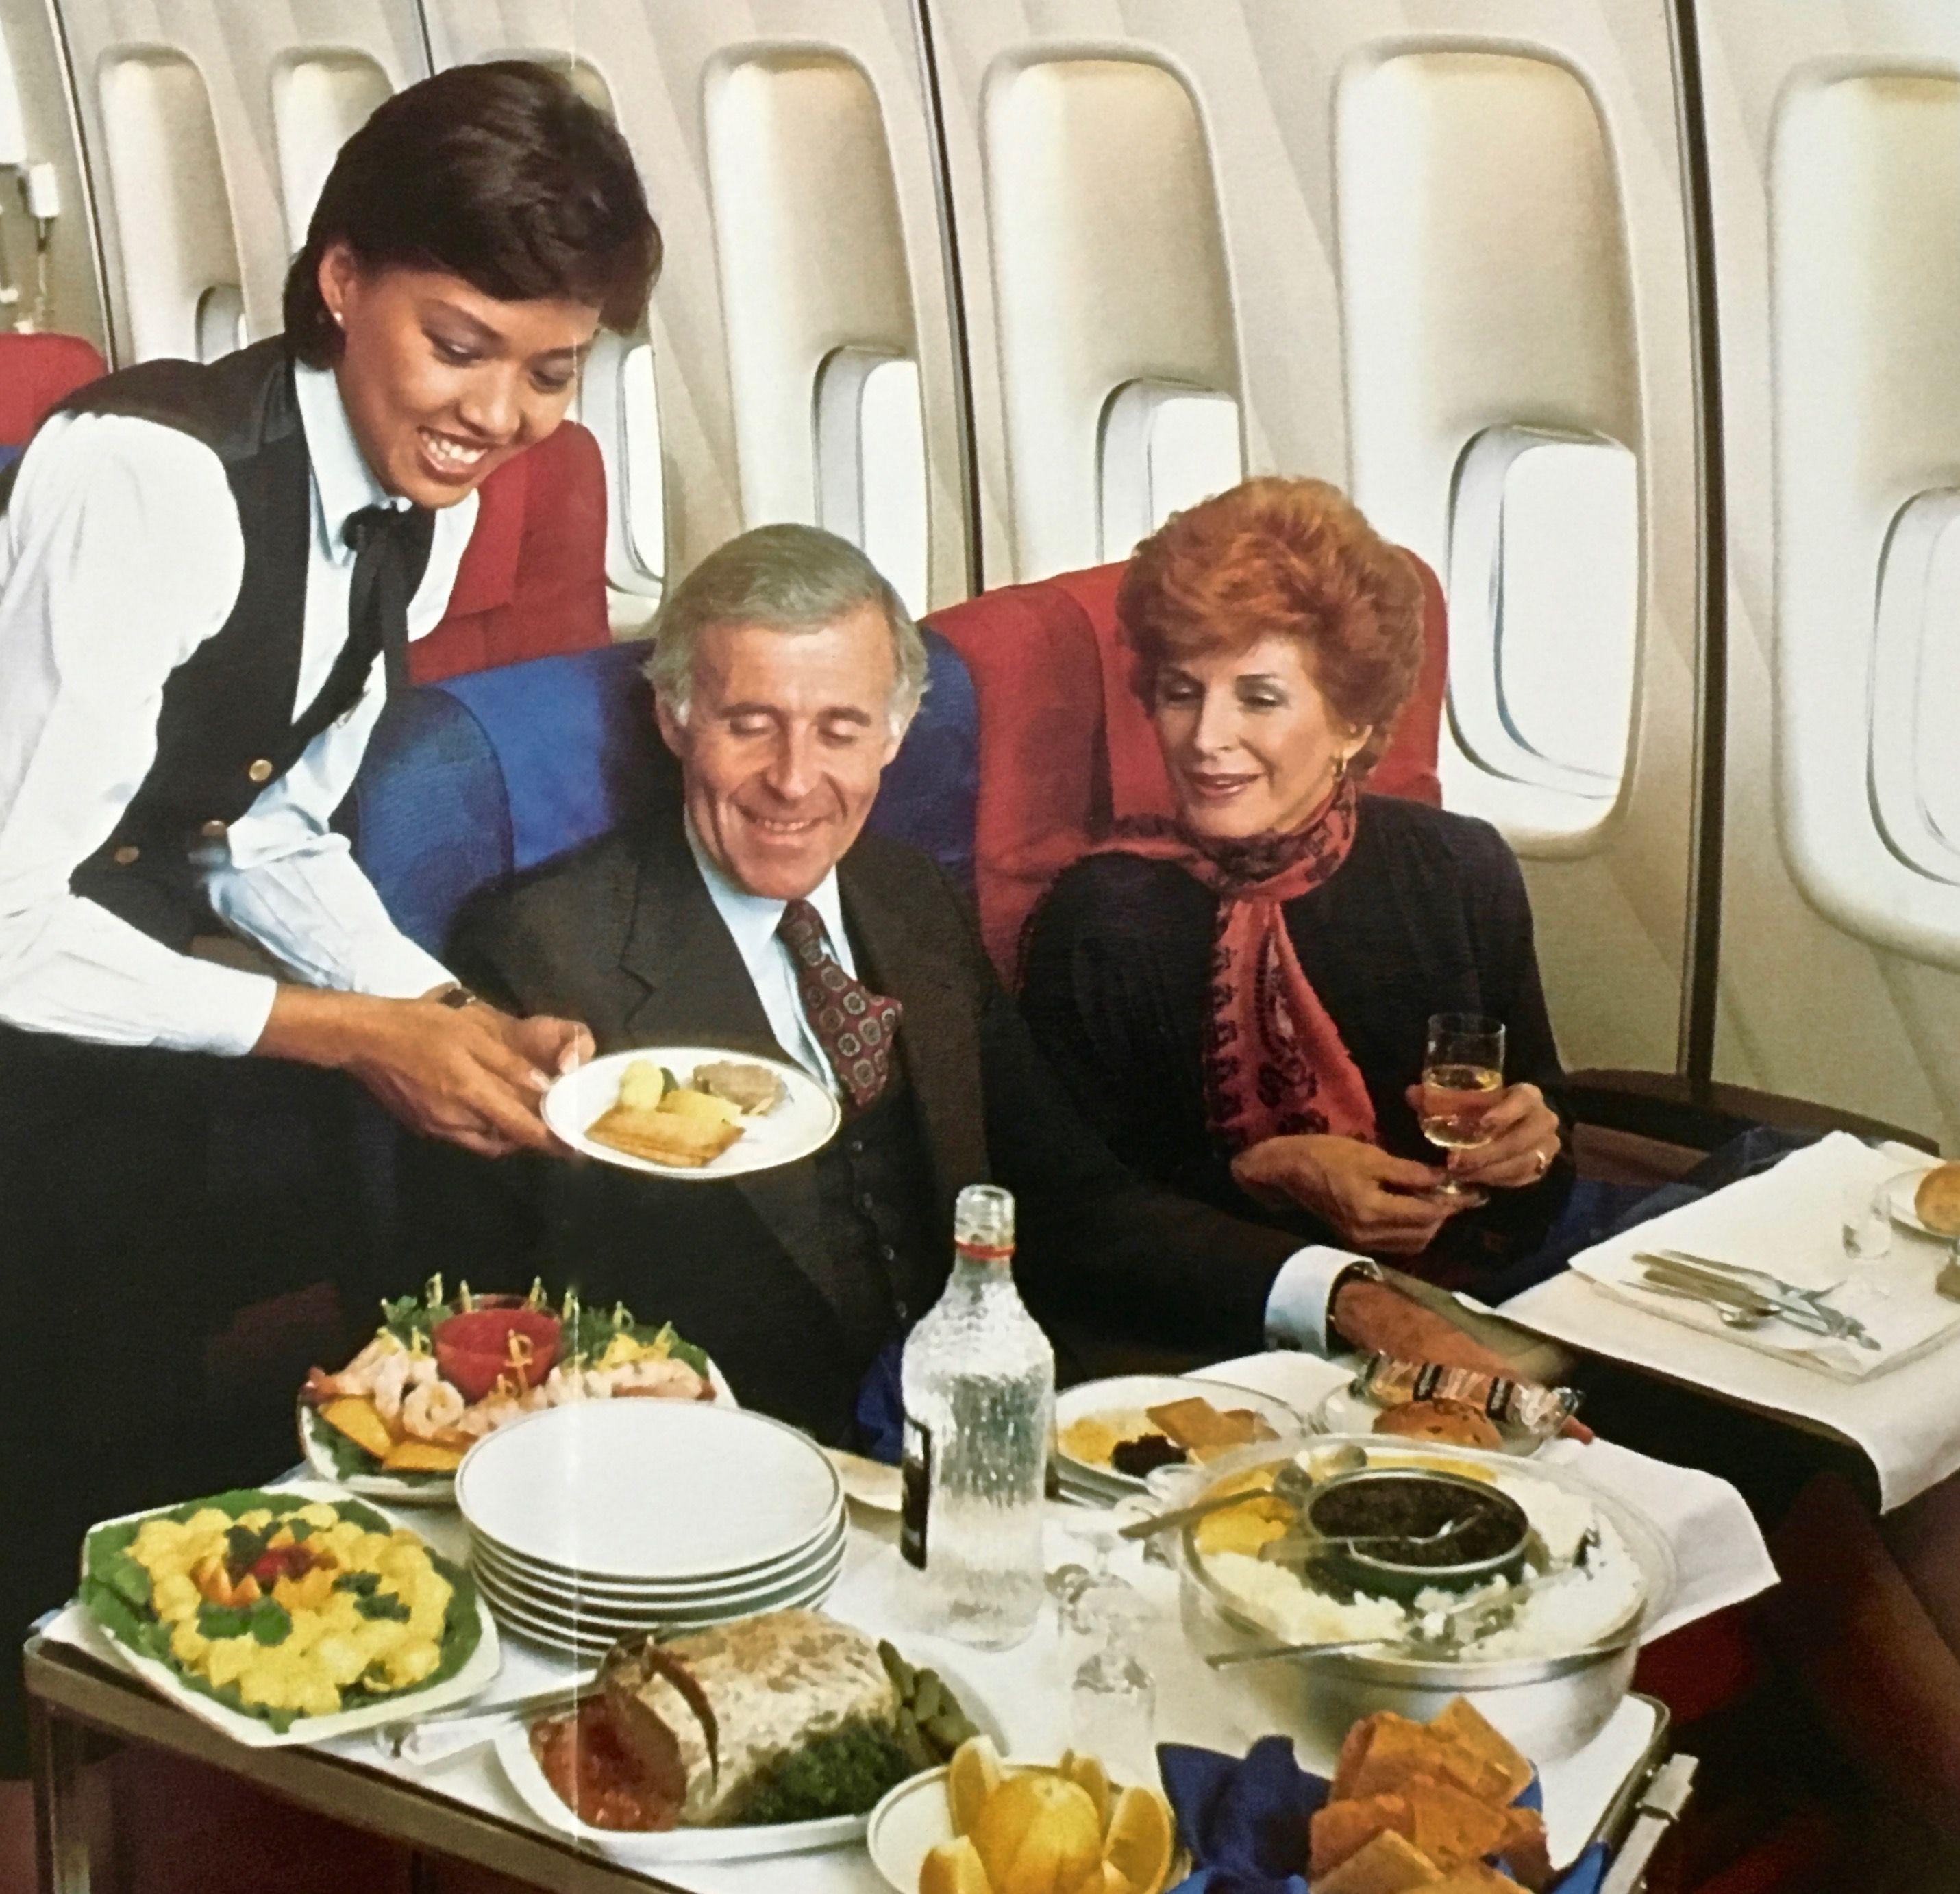 First Class Services First In Class: Pan Am 747 First Class Service